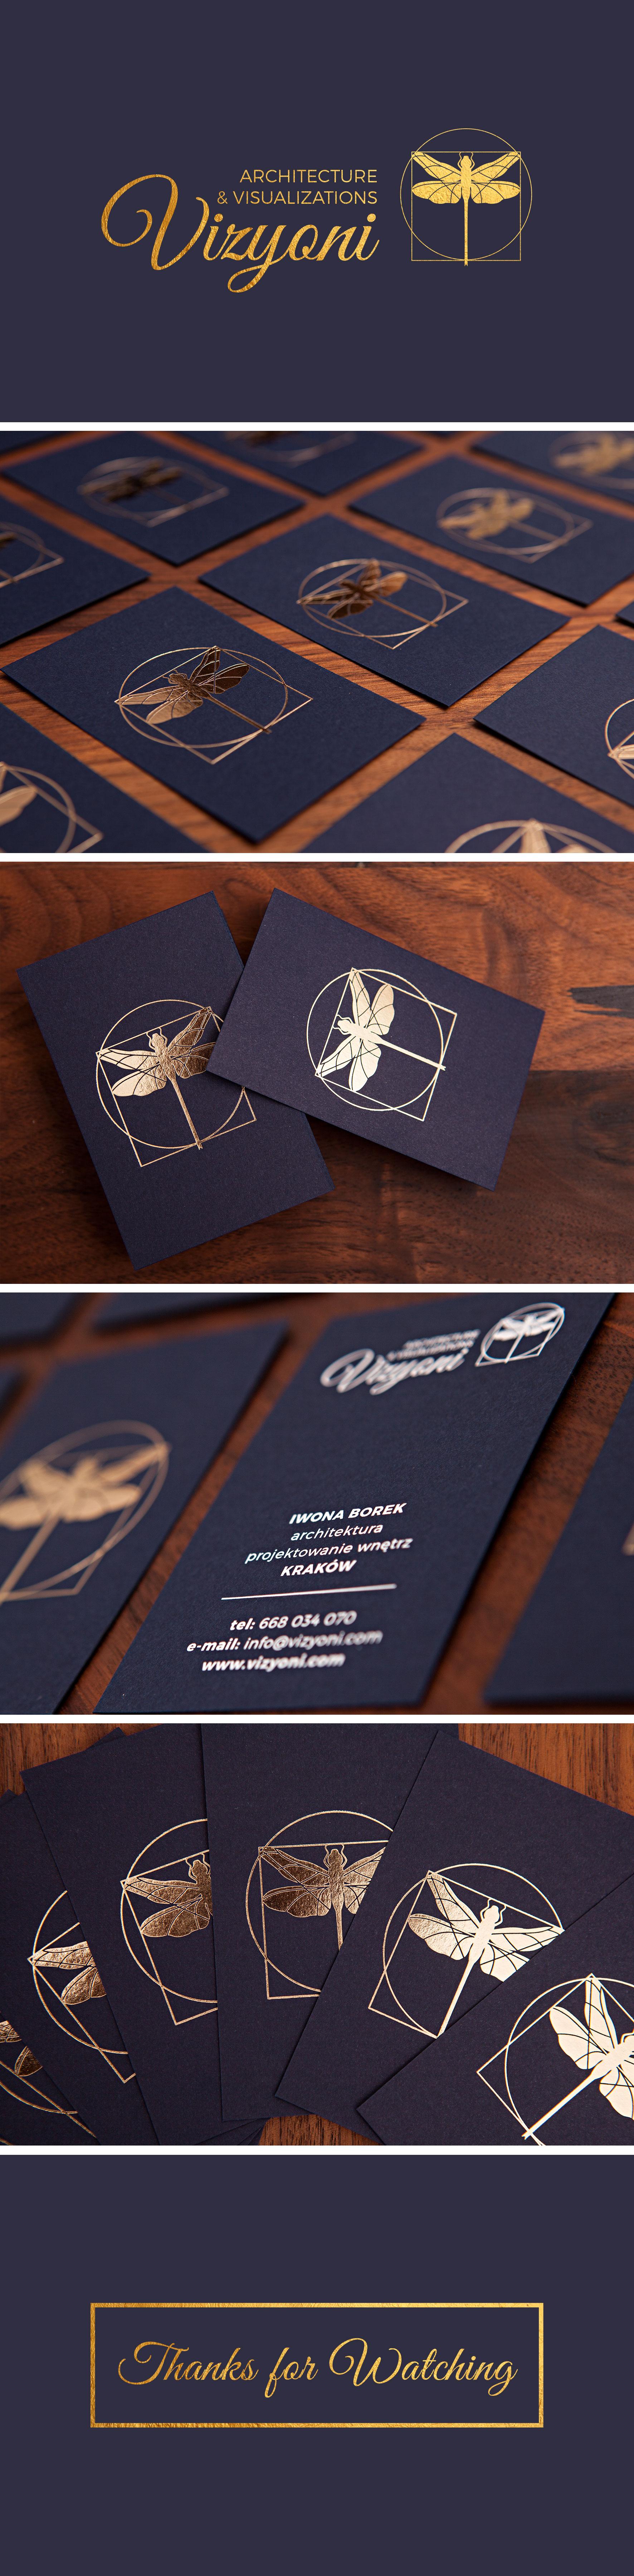 vizyoni- wizualizacja wizytówek, logo